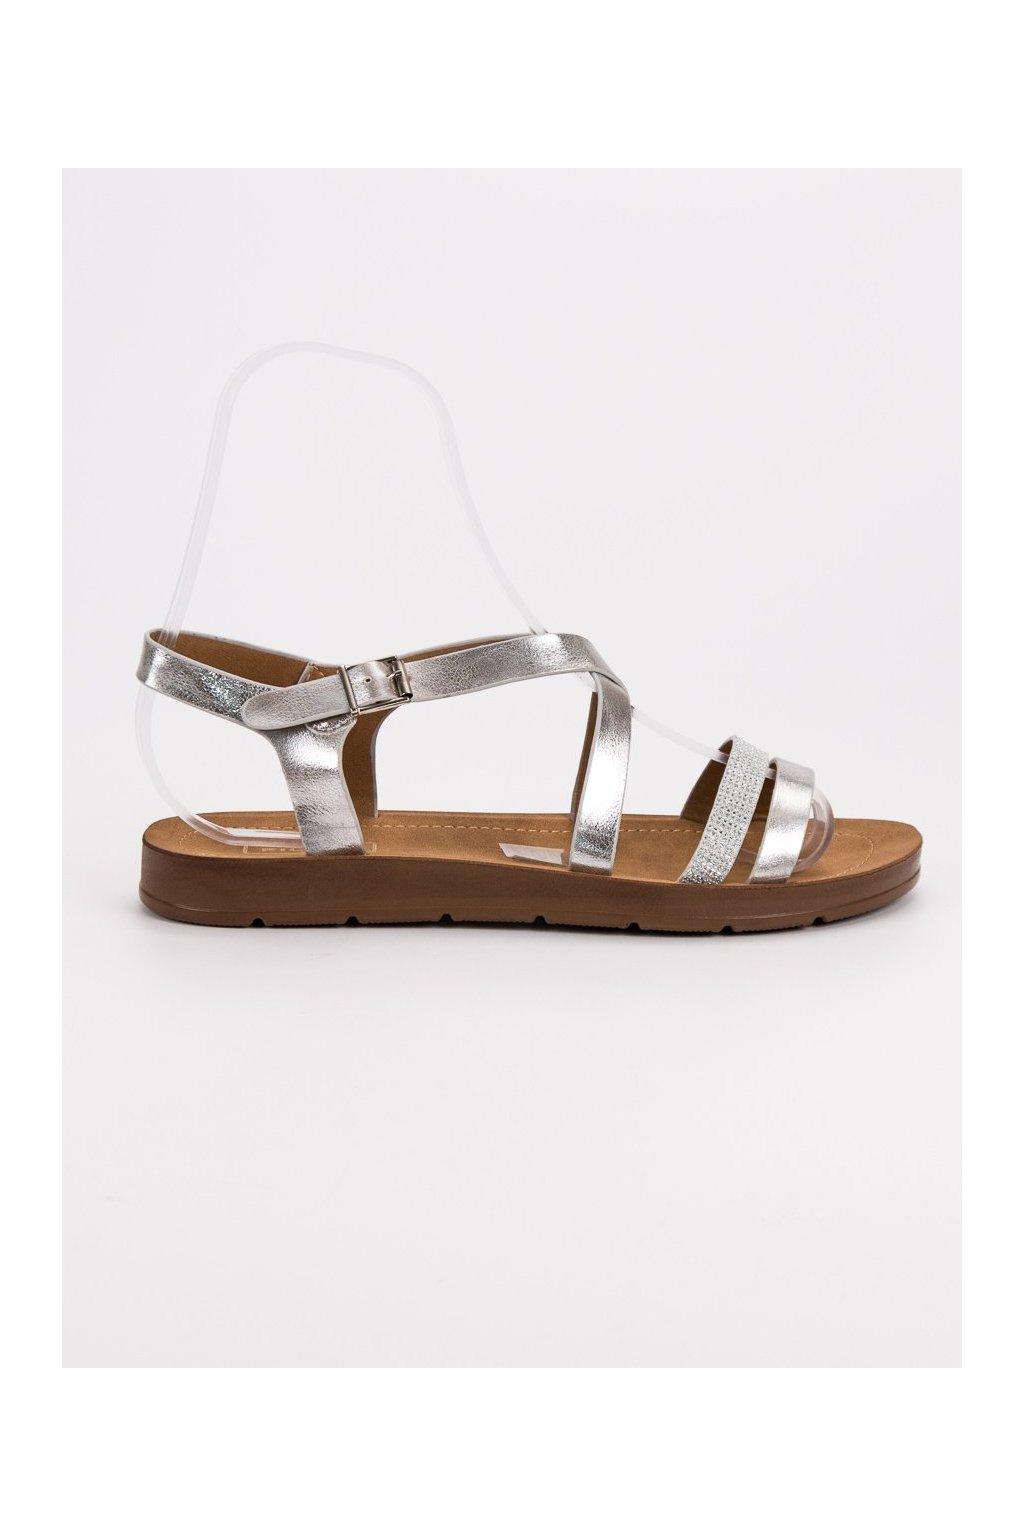 Strieborné sandále s kryštálmi Filippo DS803/19S